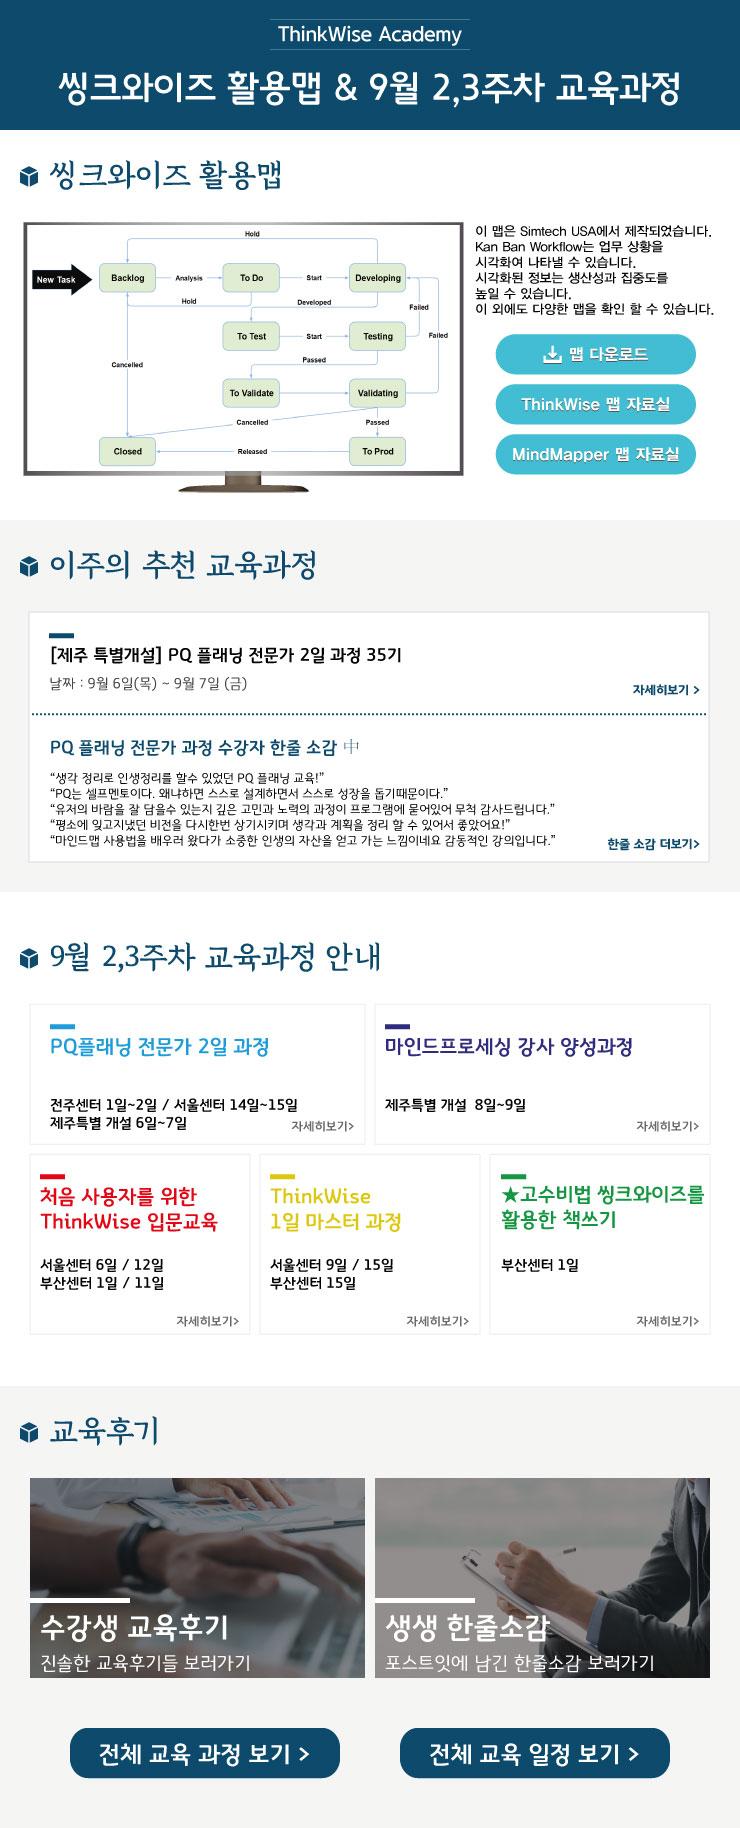 2018년 씽크와이즈 활용맵 & 9월 2,3주차 교육과정